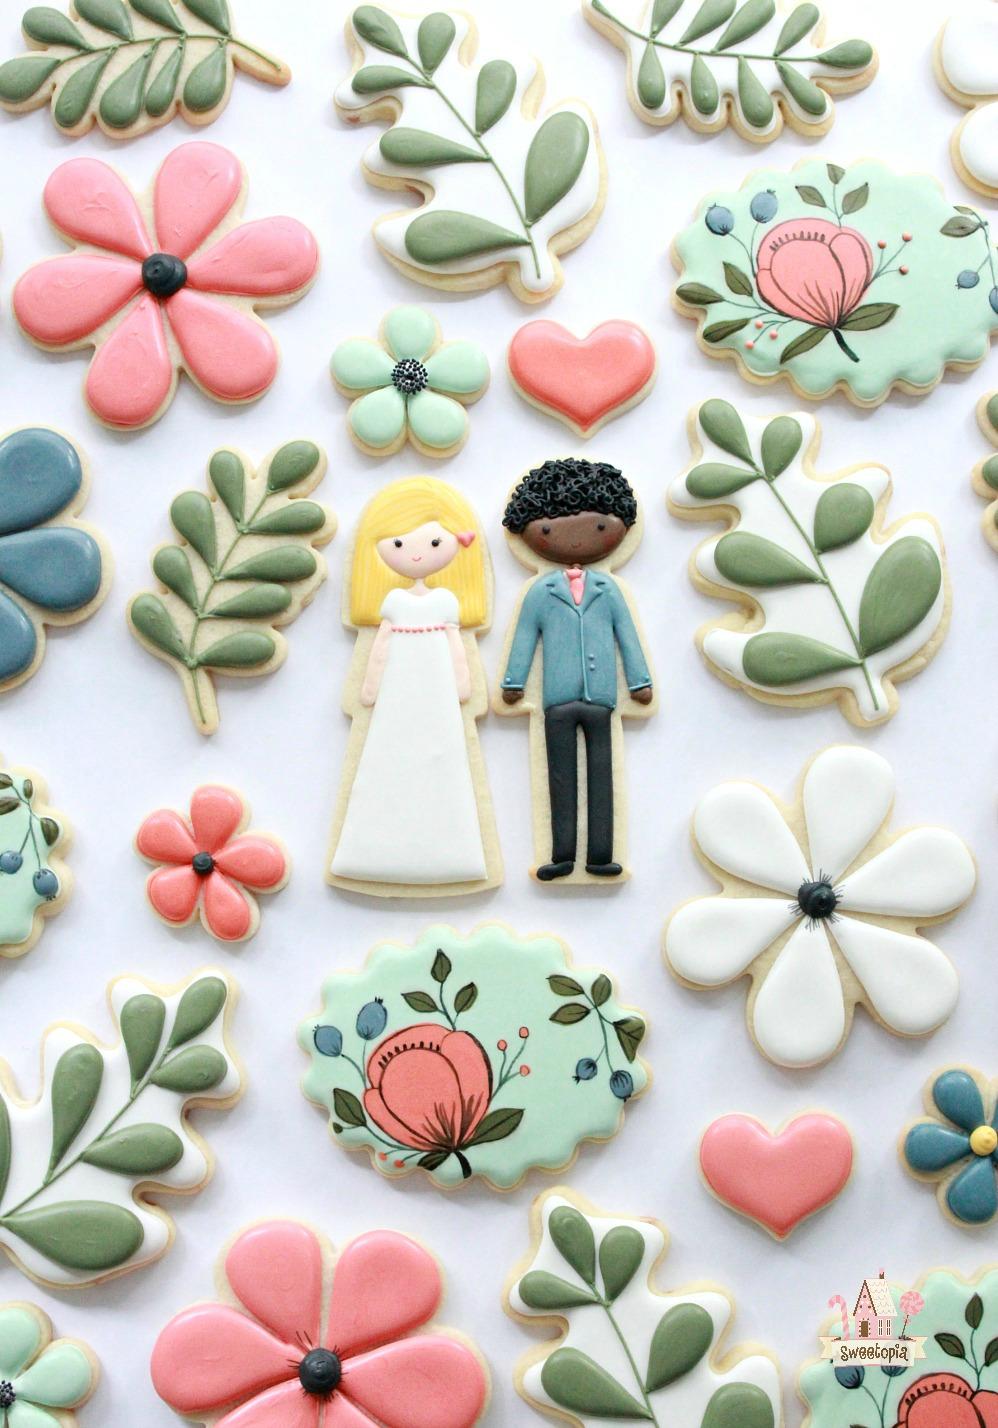 Flower Wedding Decorated Cookies Tutorial